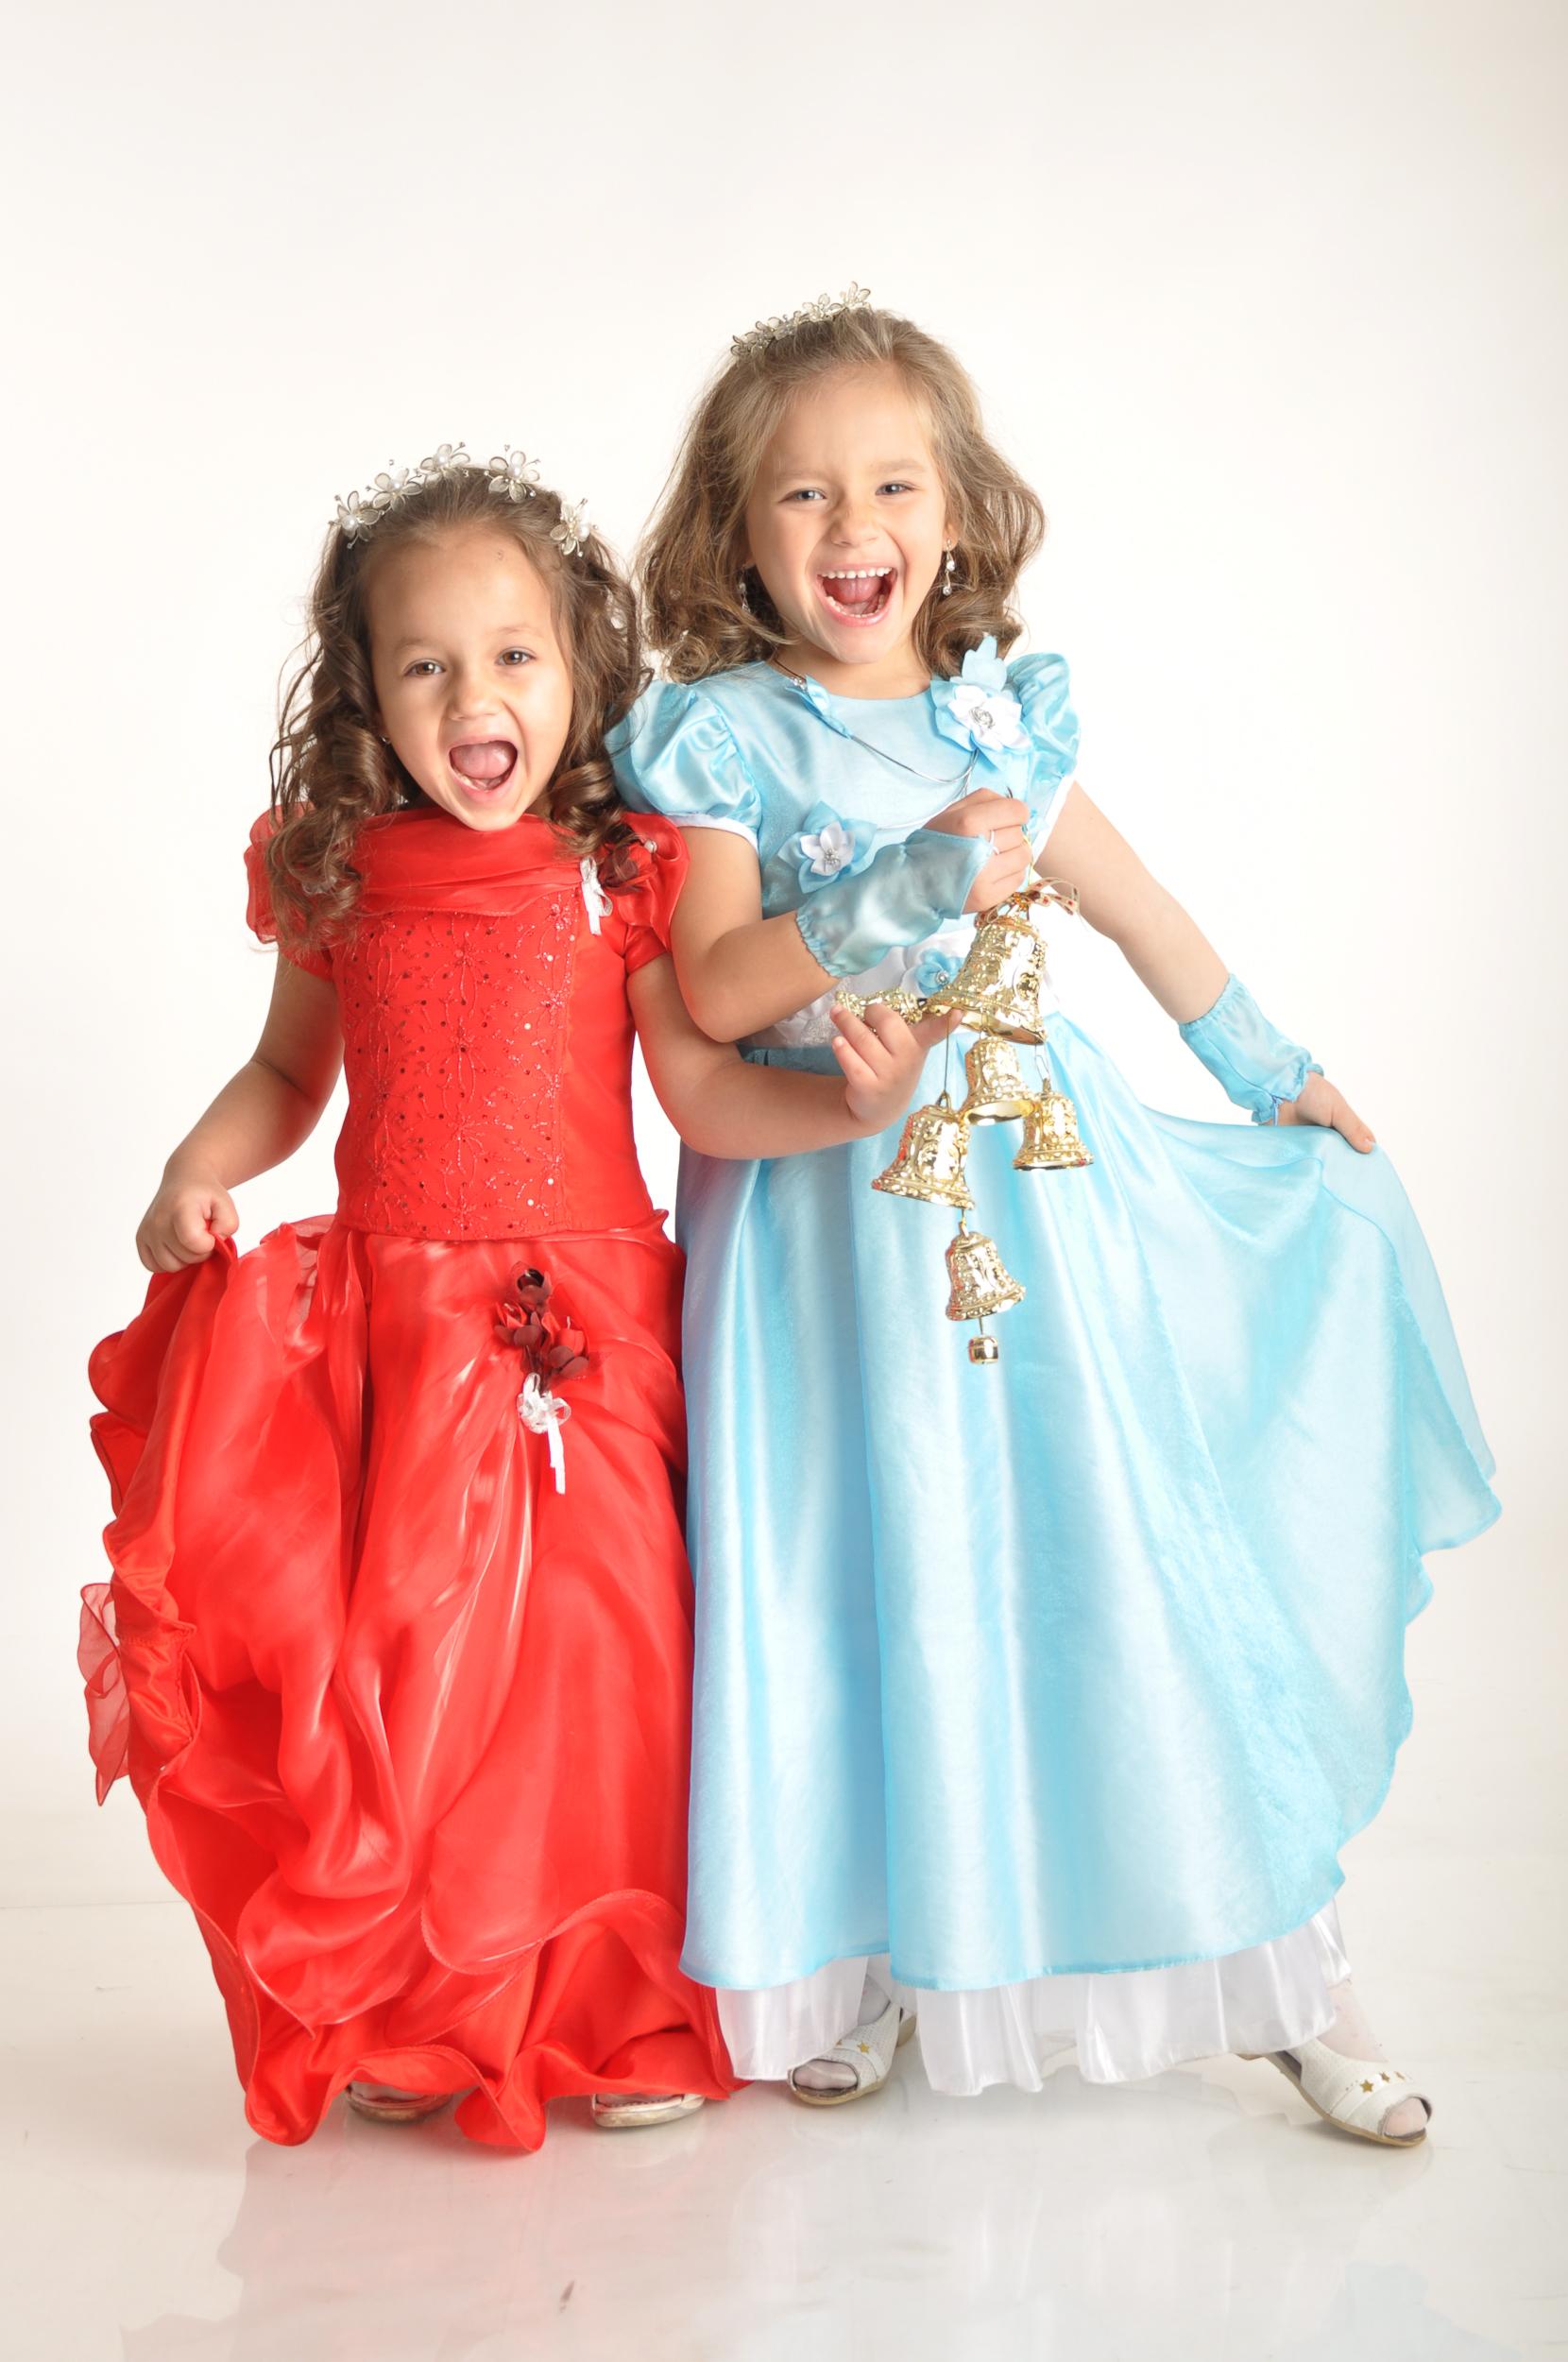 две принцессы. Принцесса собирается на бал